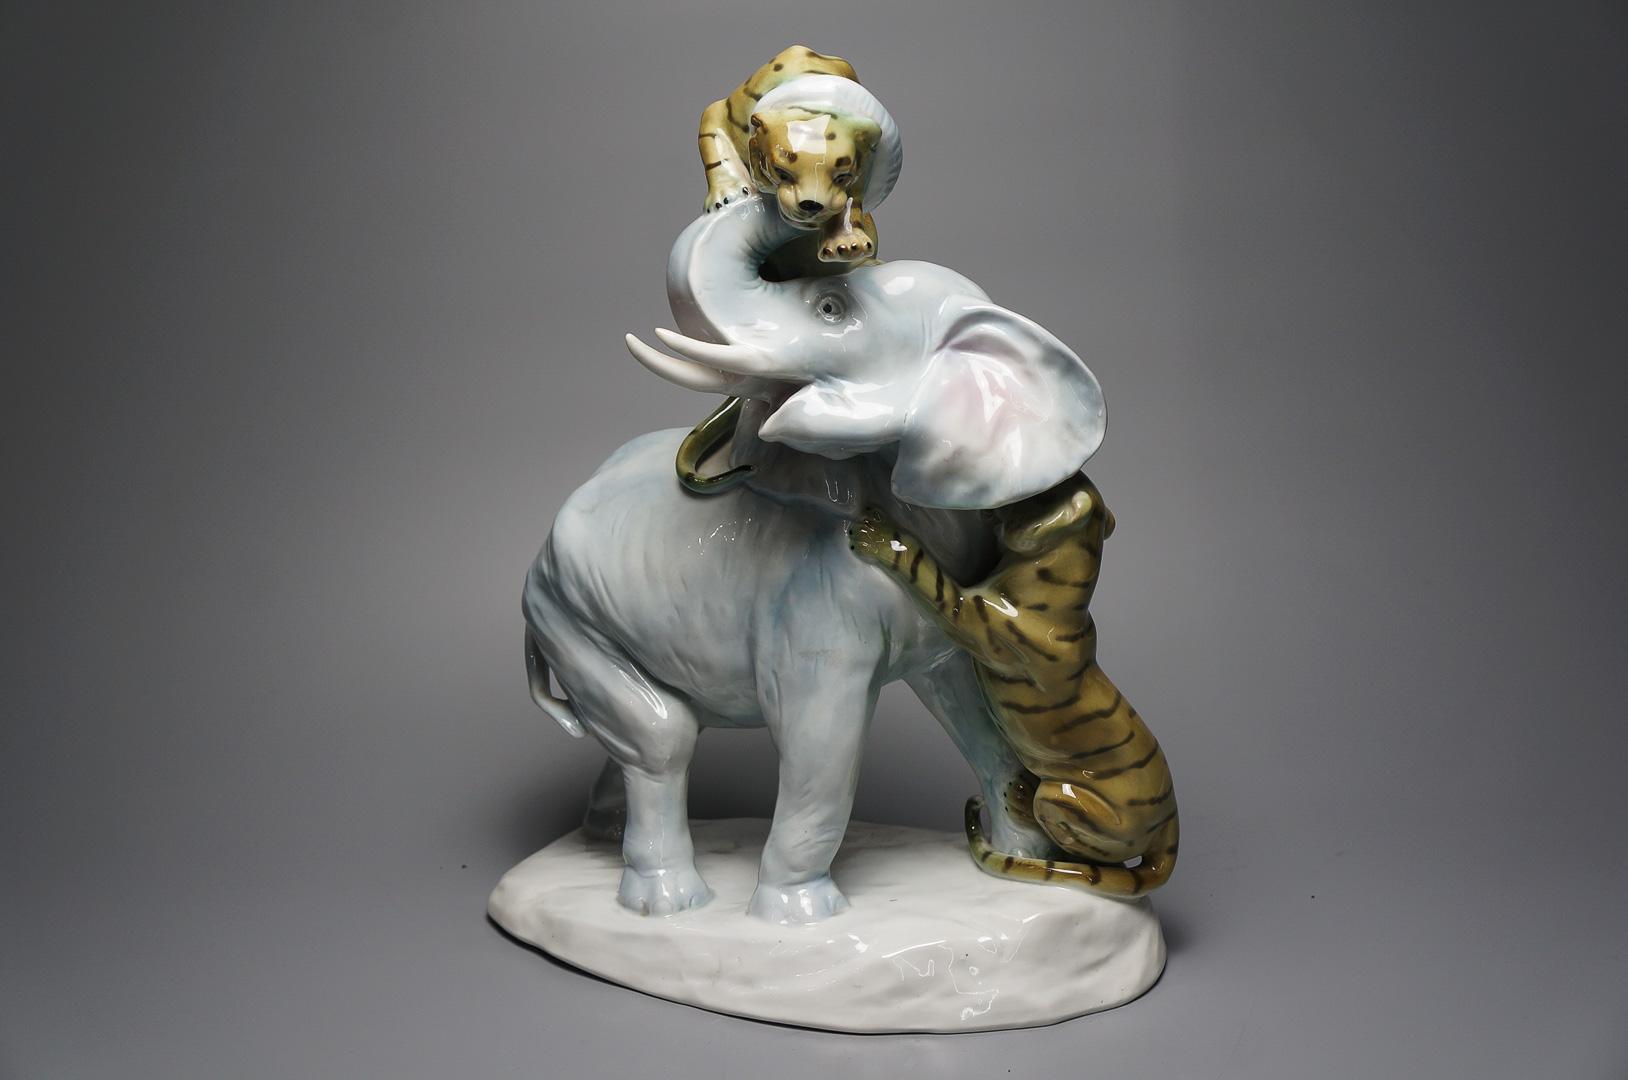 Статуэтка Охота на слона, фарфор Германия